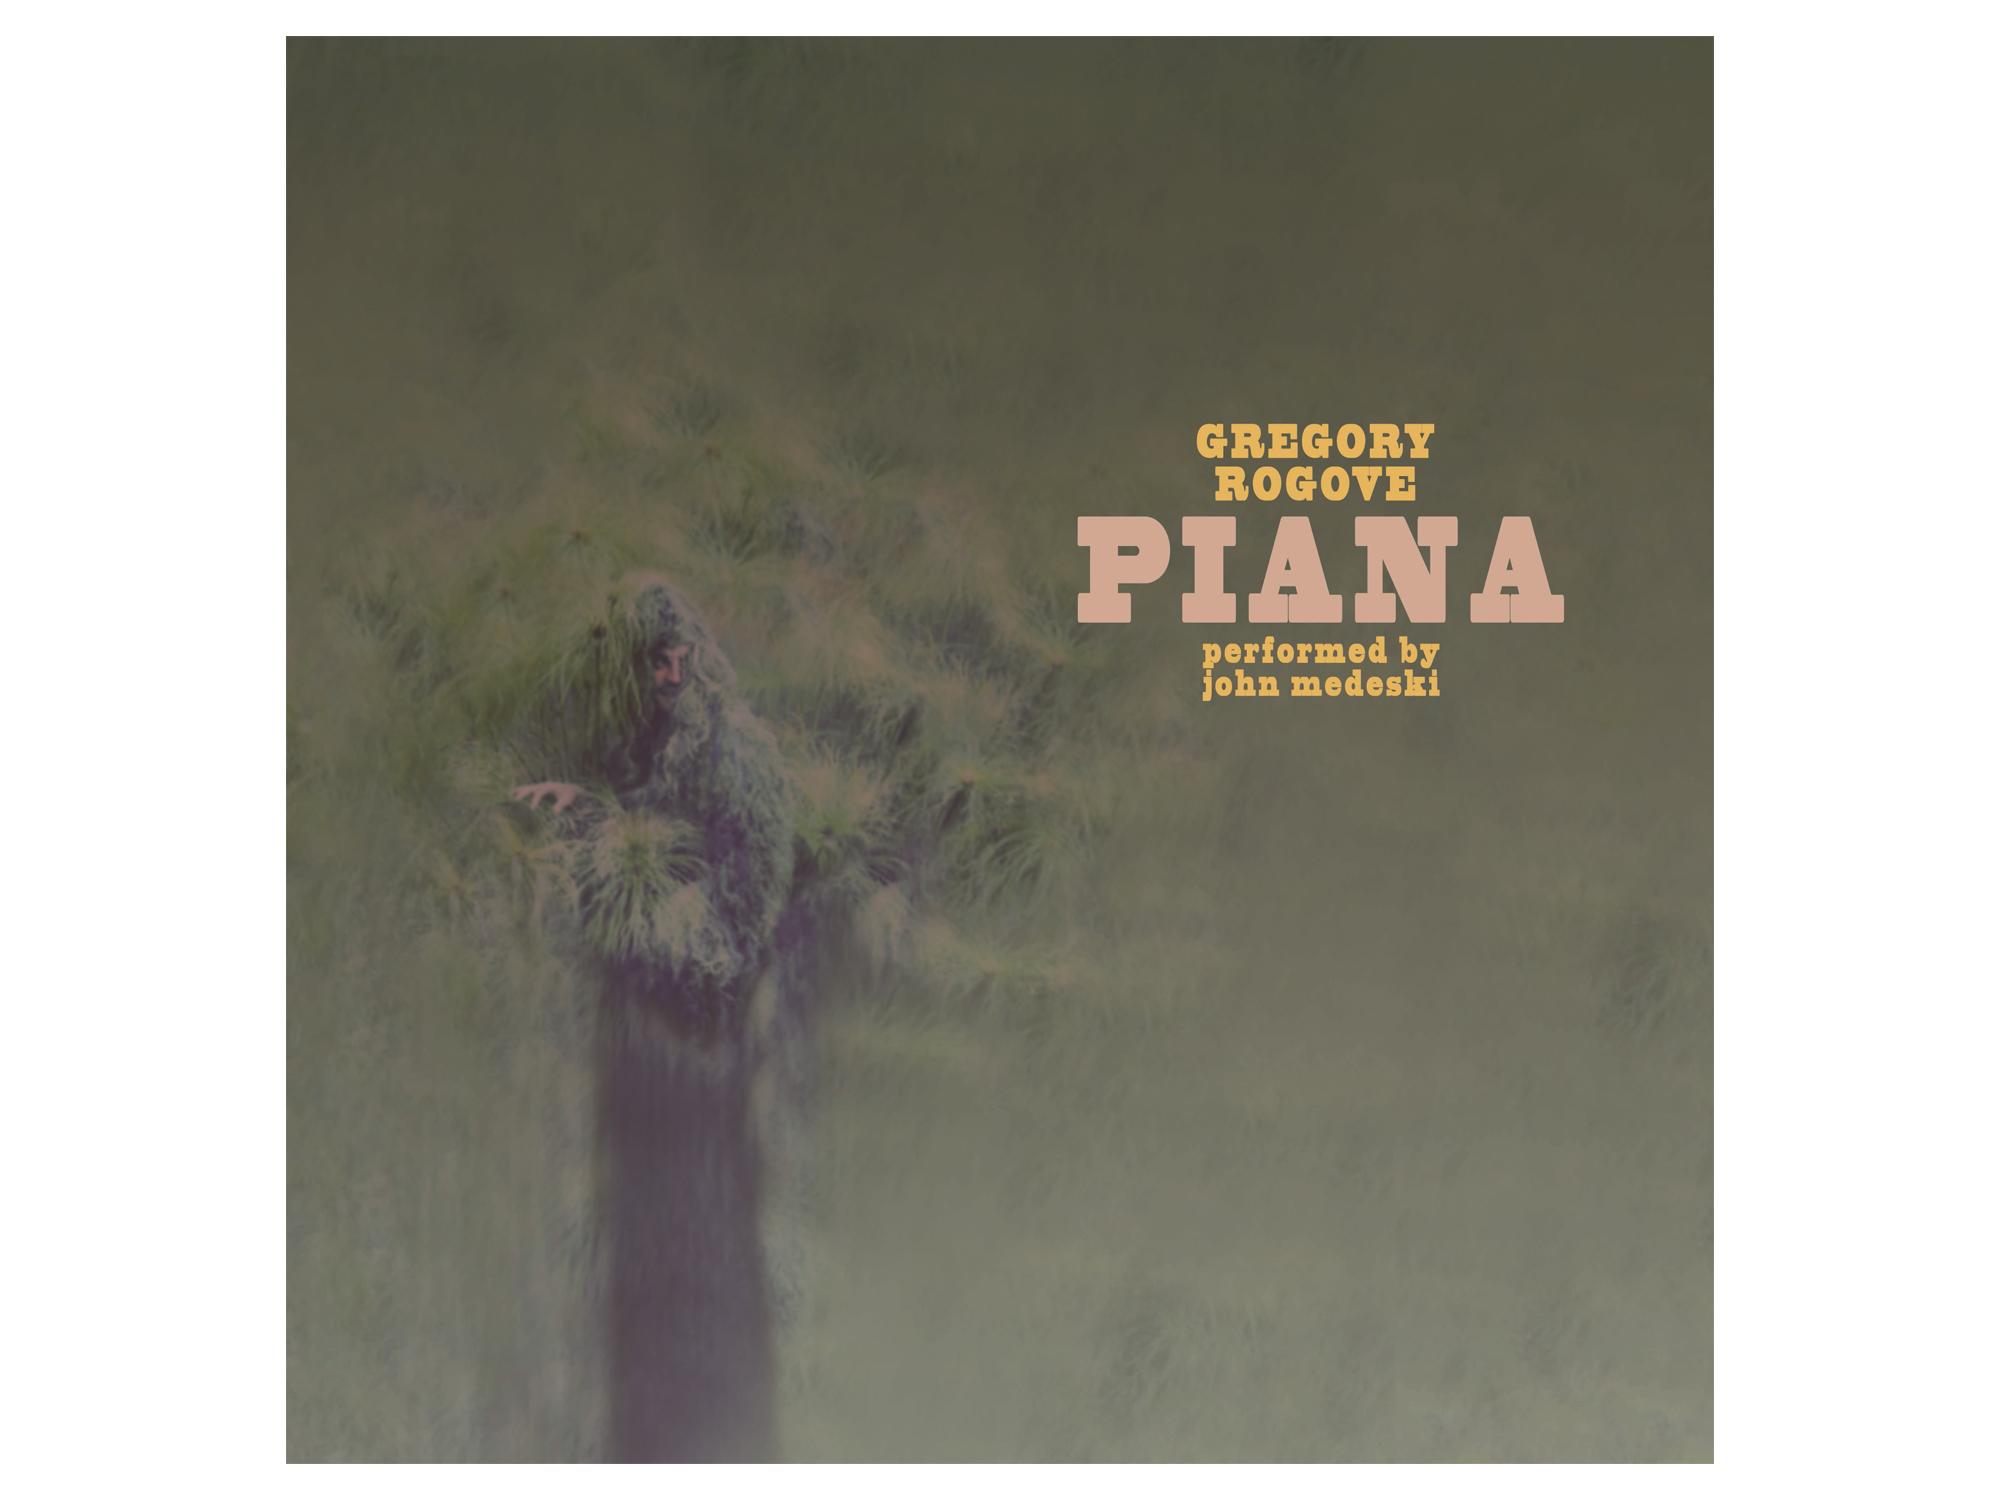 Gregory Rogove / Piana album art